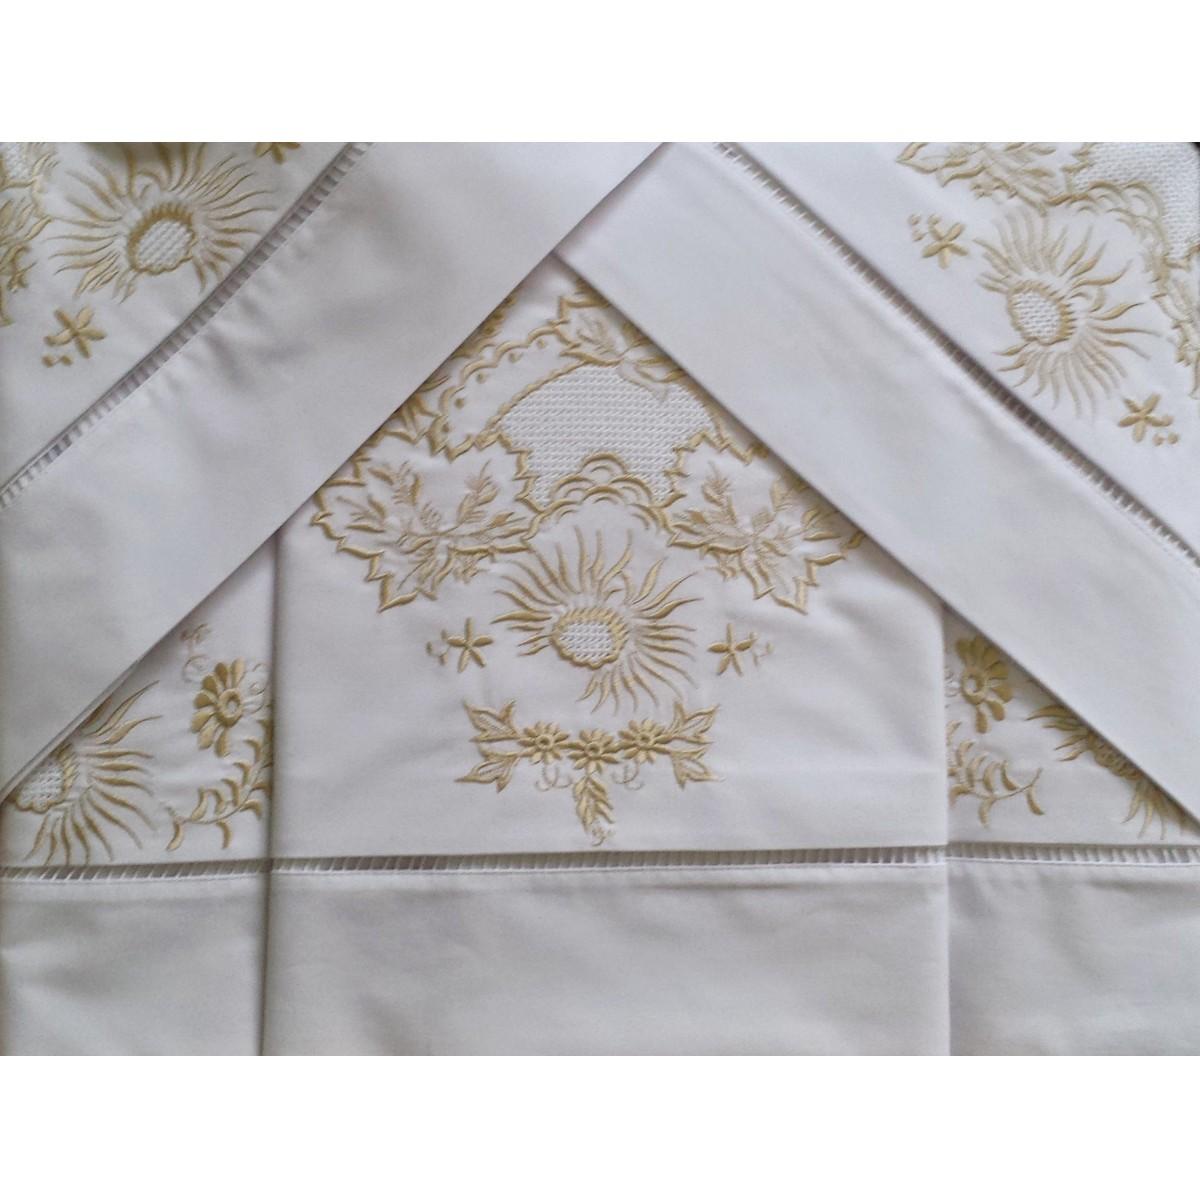 Roupa de cama Bordado Ilha da Madeira cor Branco/Perola Helô Reis  #70624A 1200x1200